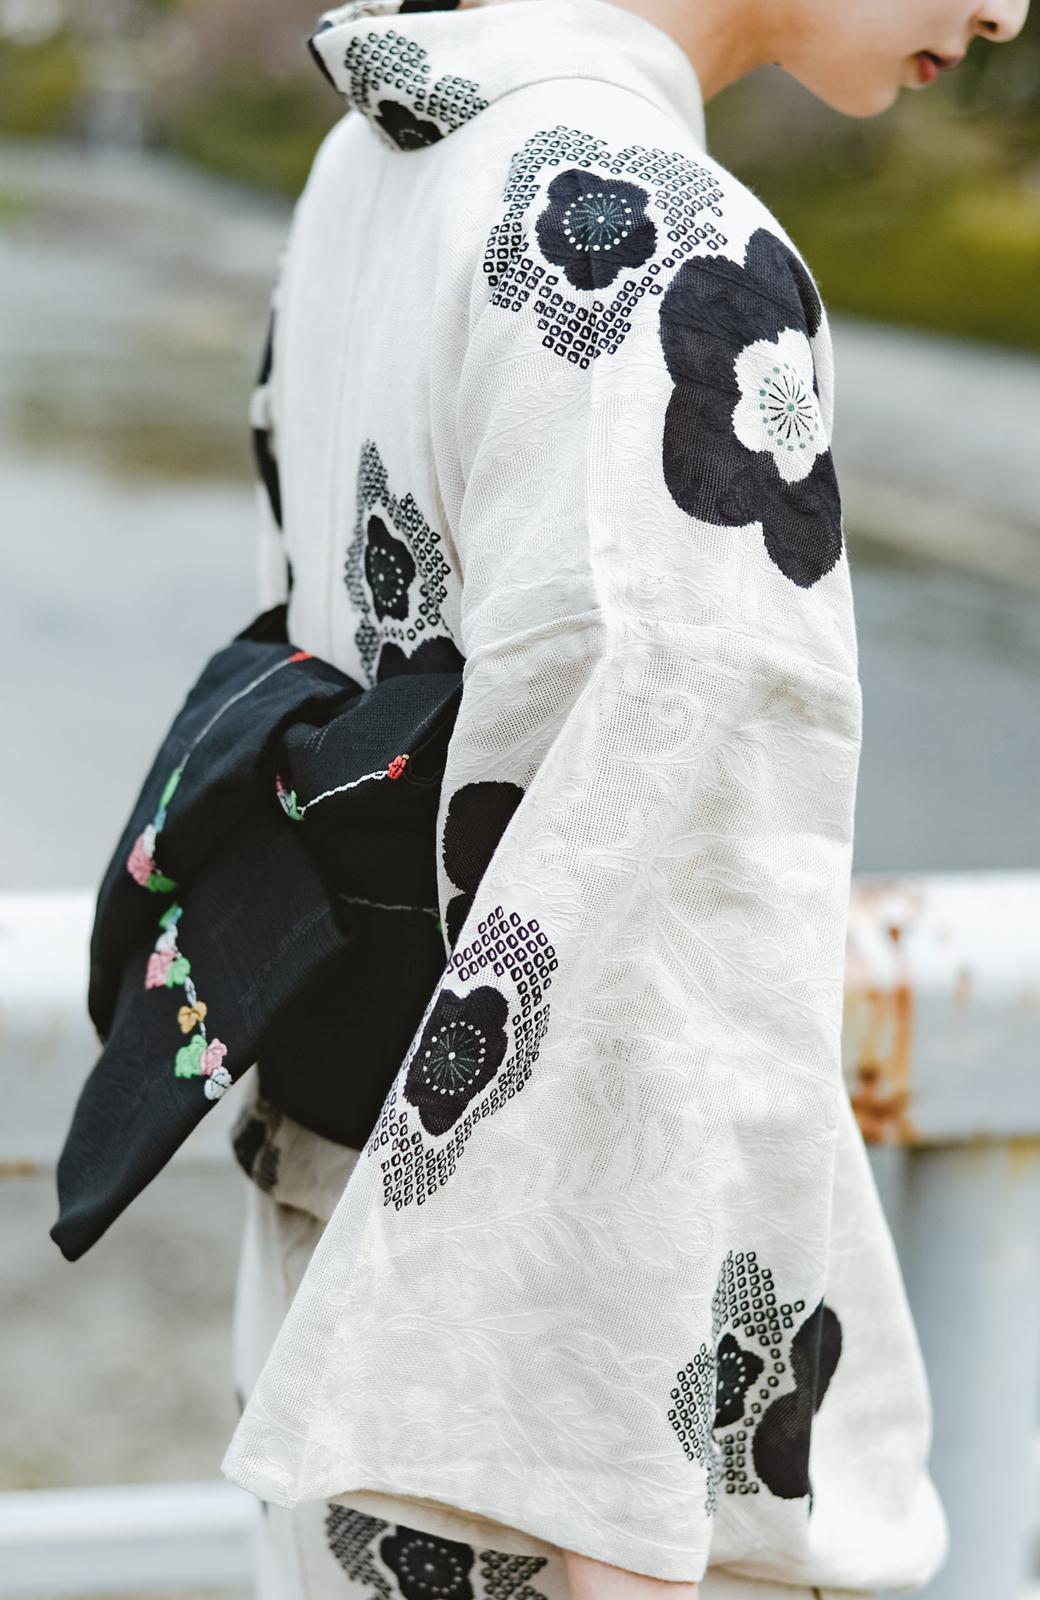 haco! ひでや工房 京都の半巾帯 つた柄 <ブラック>の商品写真5